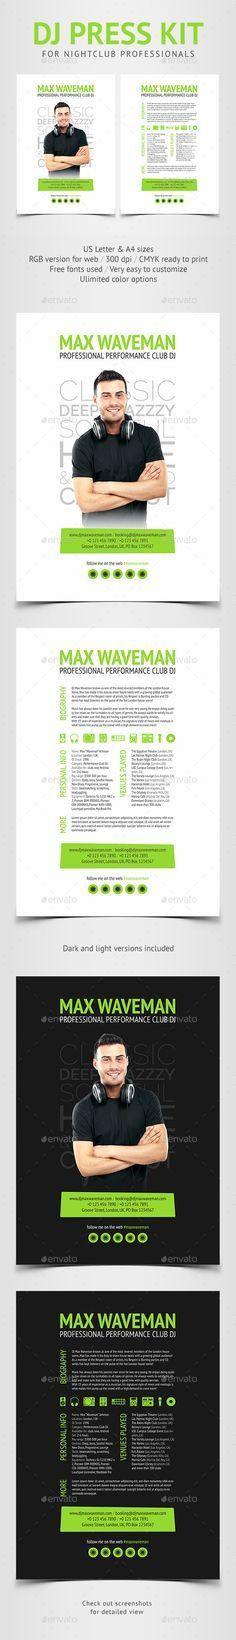 Minimalistix - DJ Press Kit | Press kits, Dj and Brochures